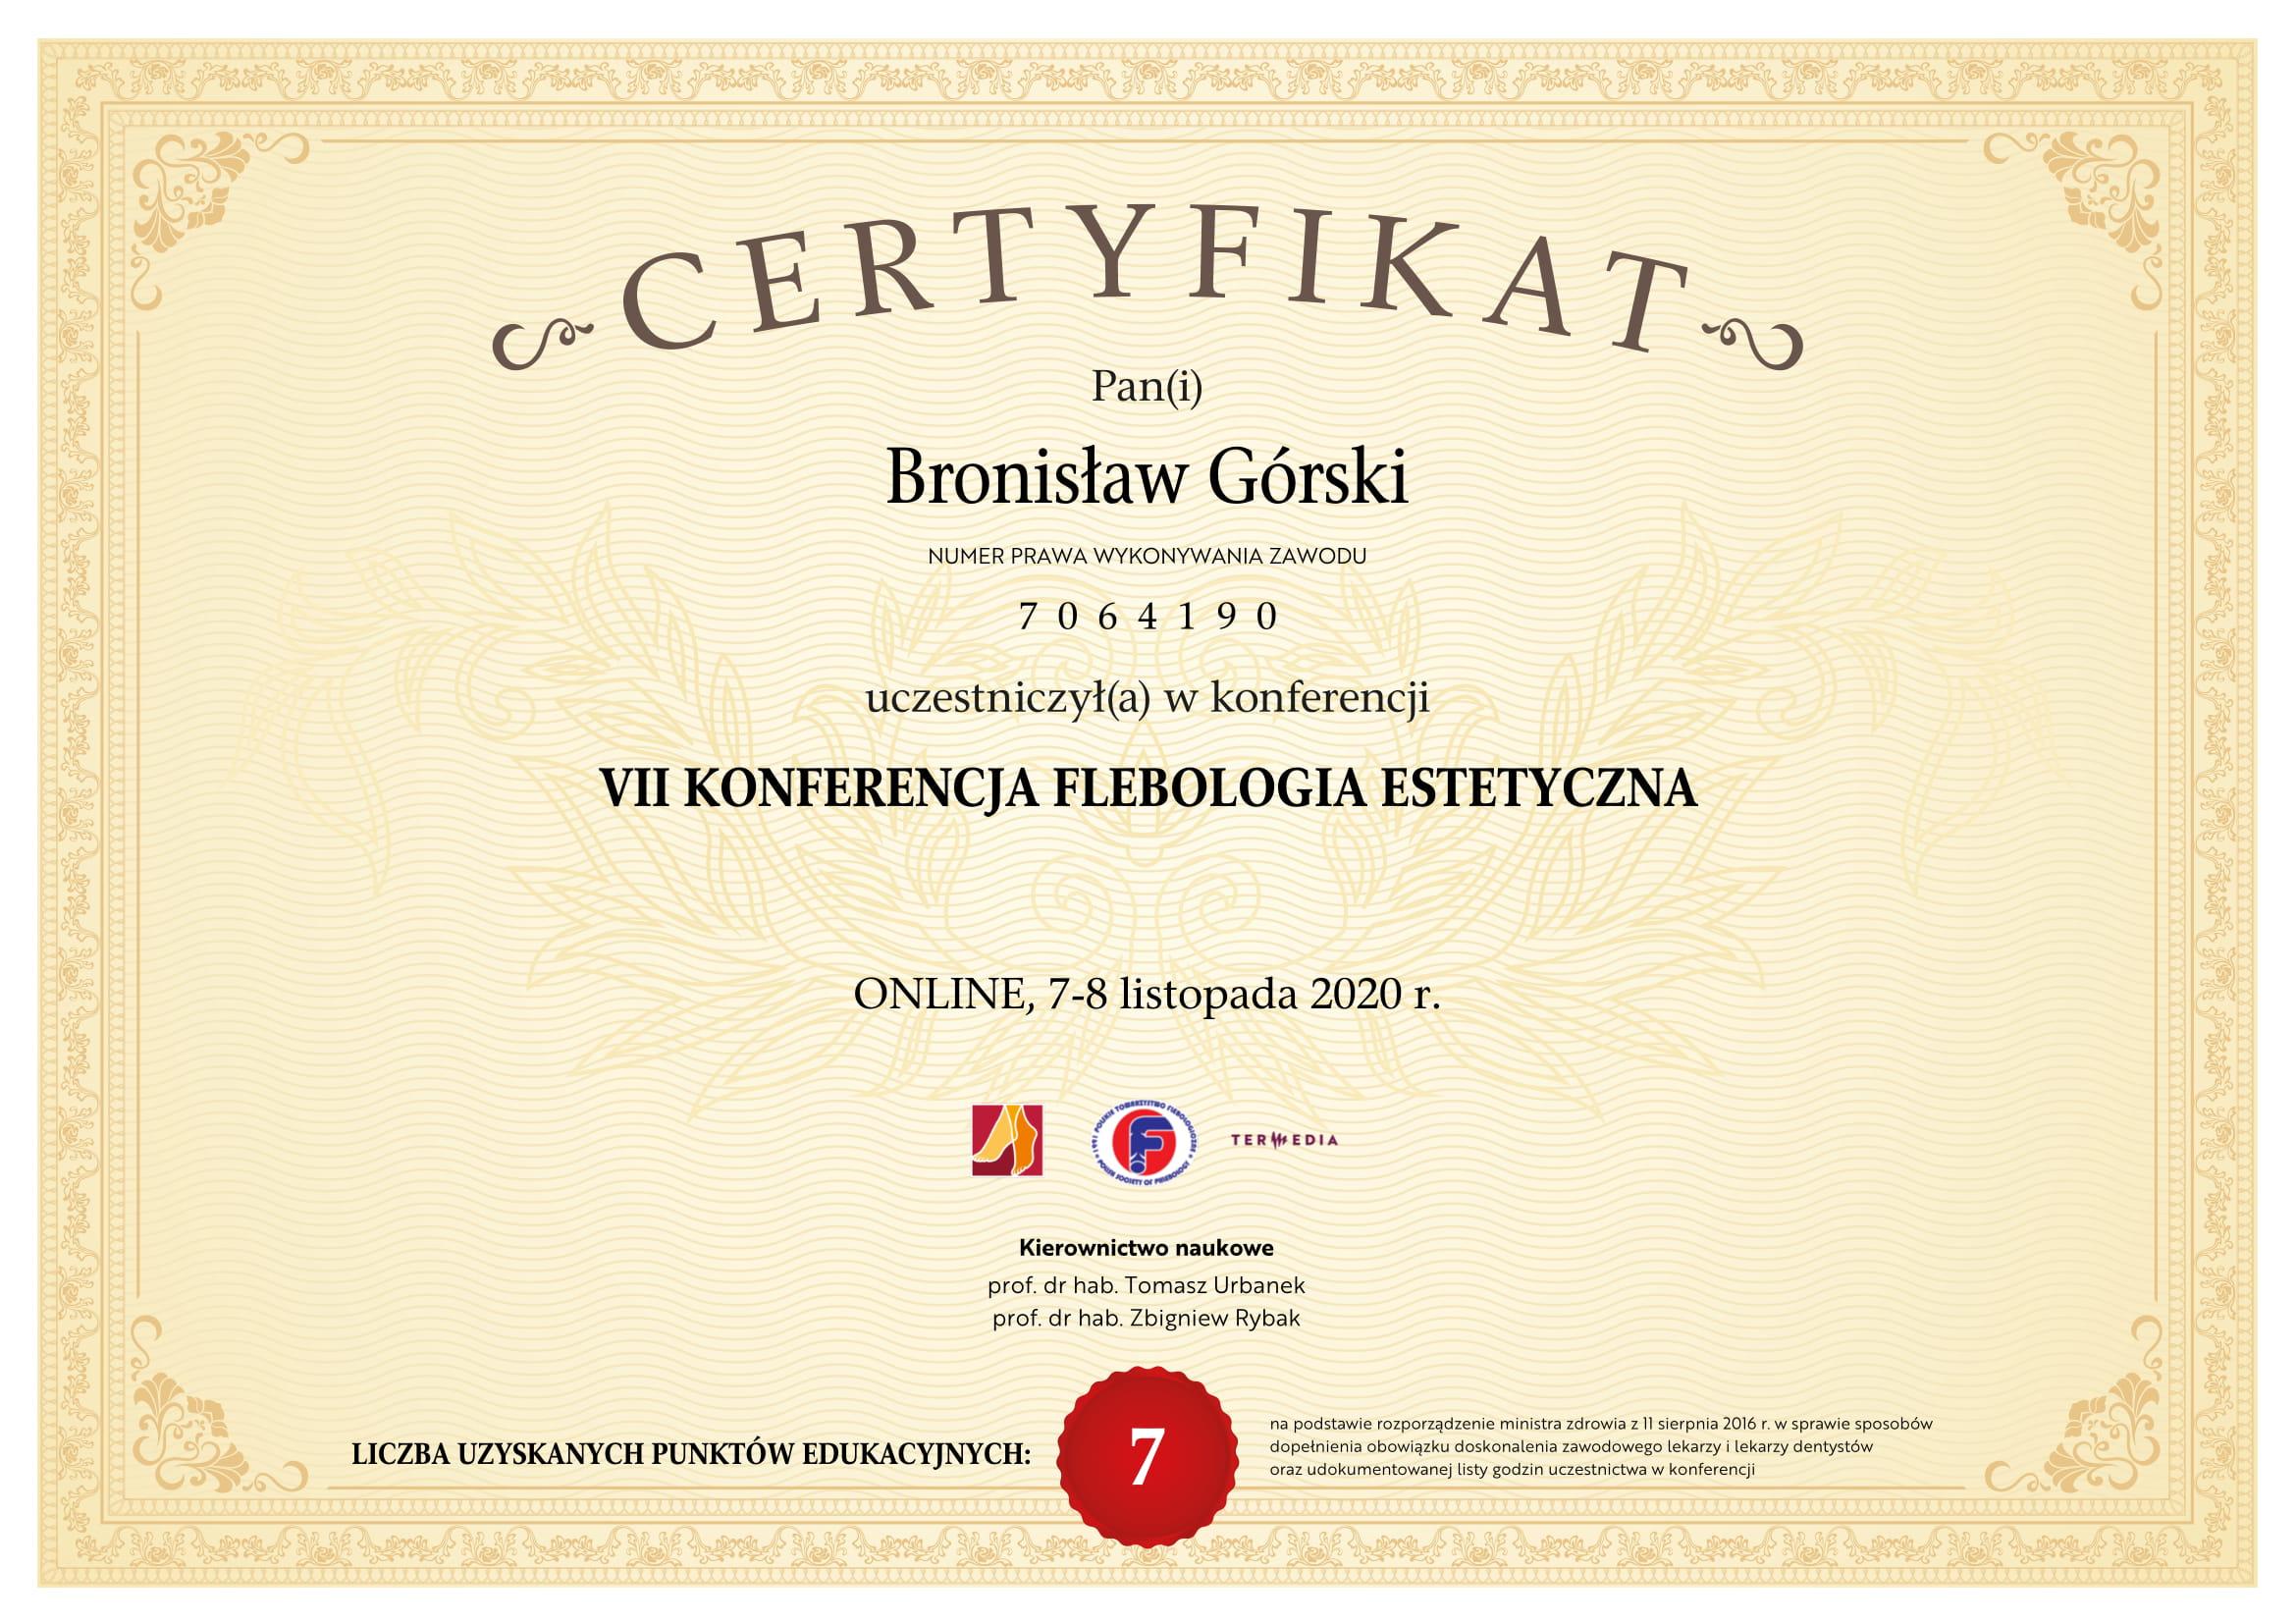 Certyfikat pl 1